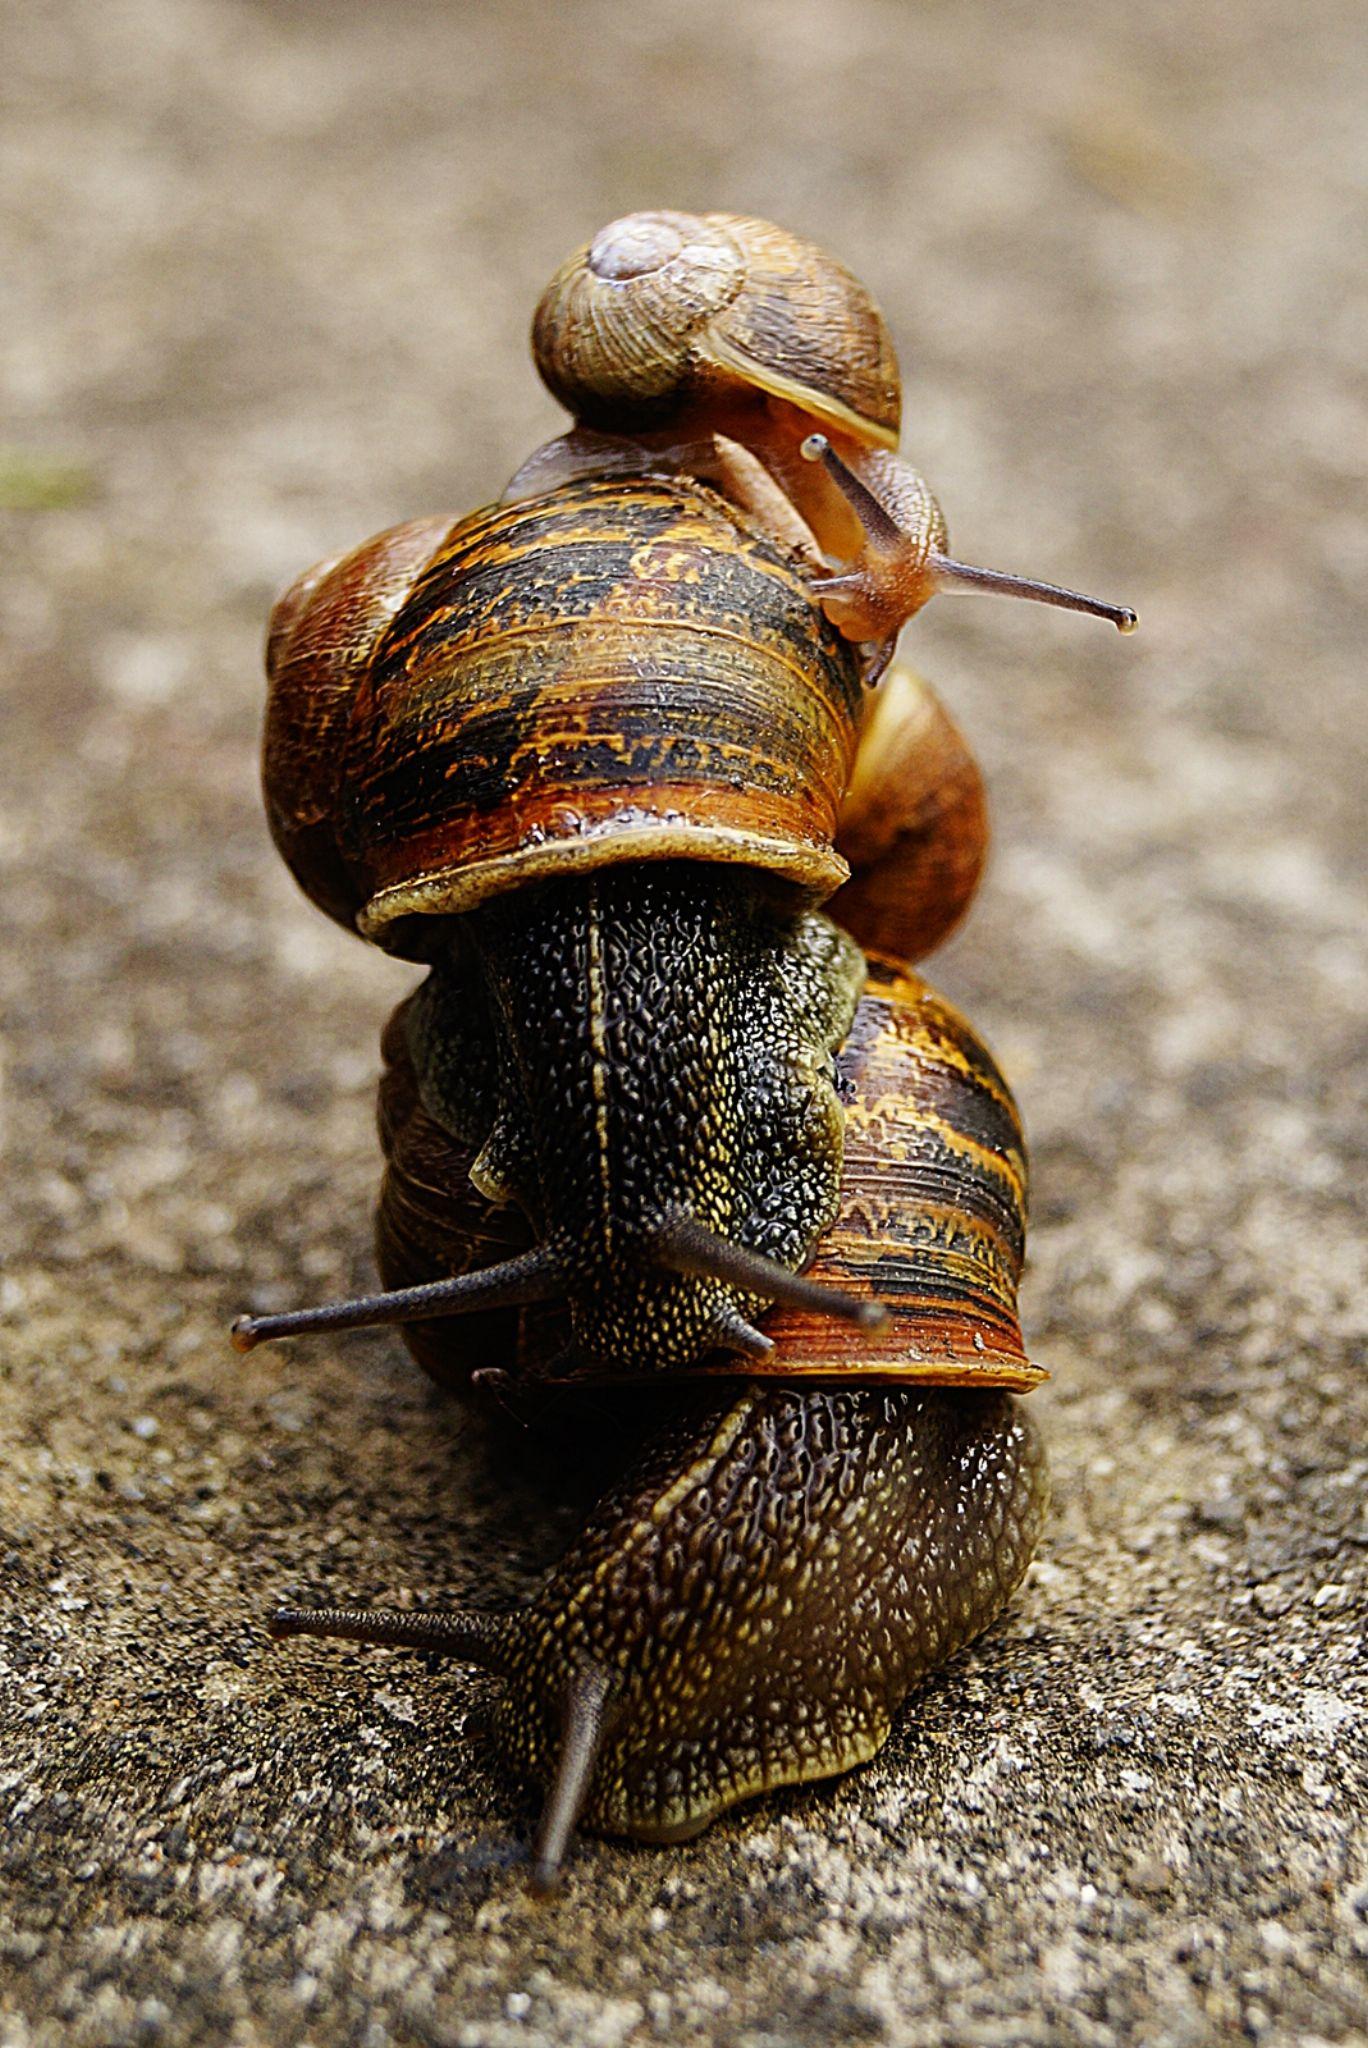 snails by Kamil Gaweł